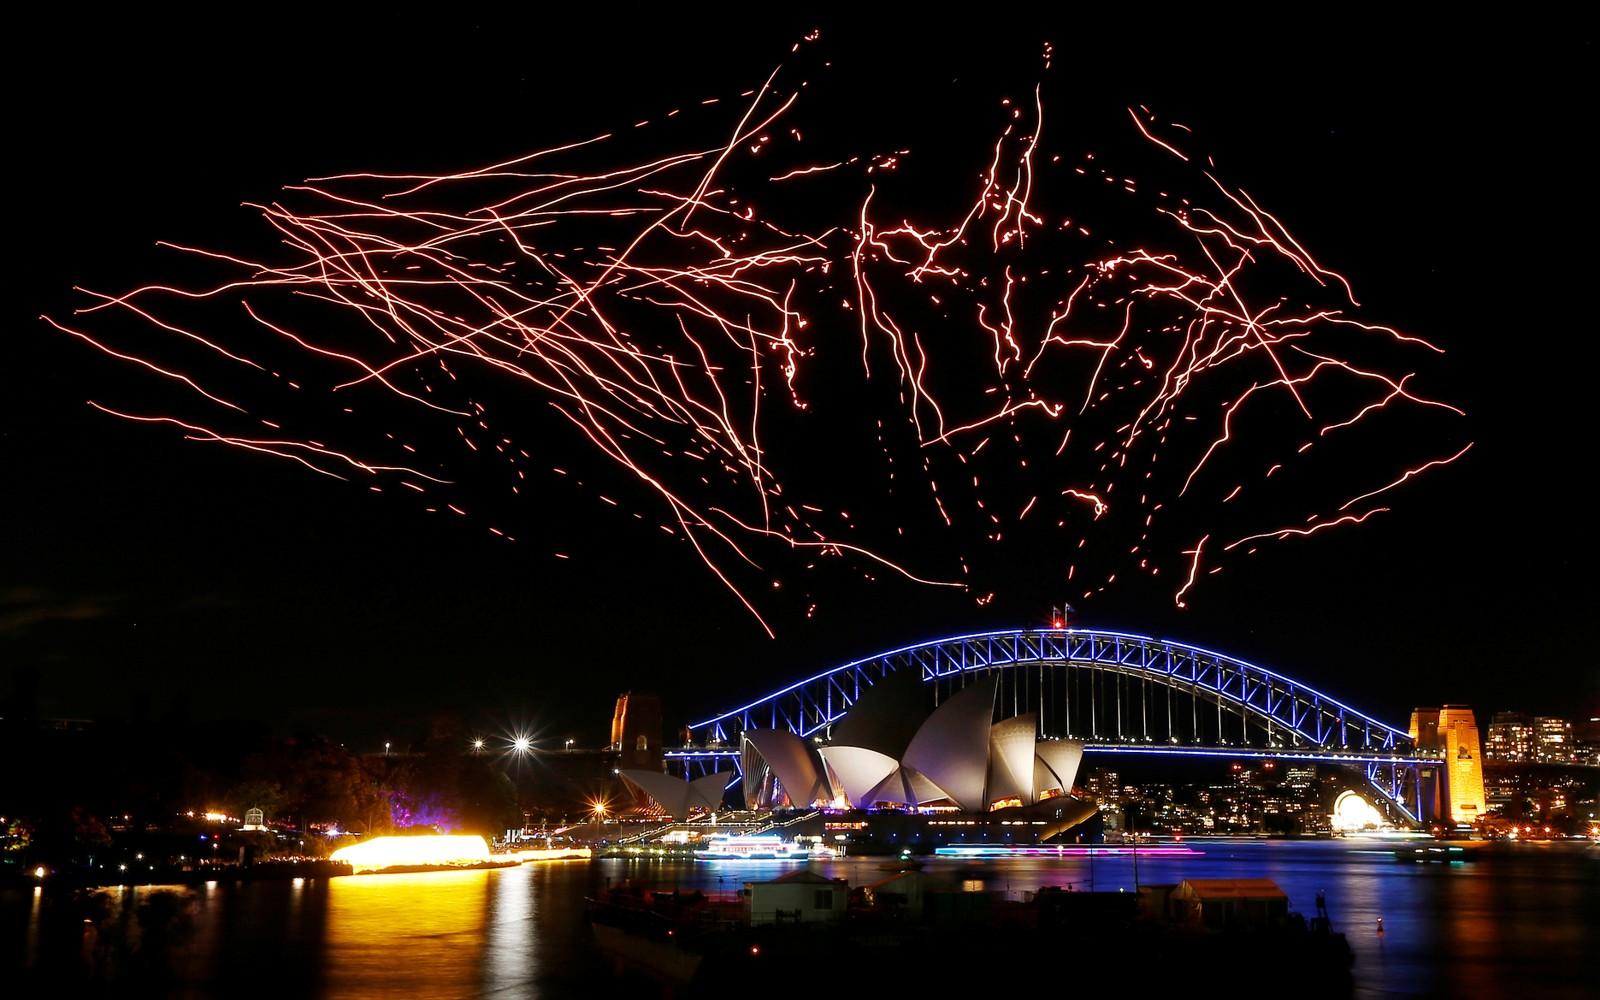 100 opplyste droner flyr under en oppvisning over Sydney Harbour Bridge og Operahuset i Sydney i Australia. Showet var en del av lysfestivalen Vivid Sydney torsdag.